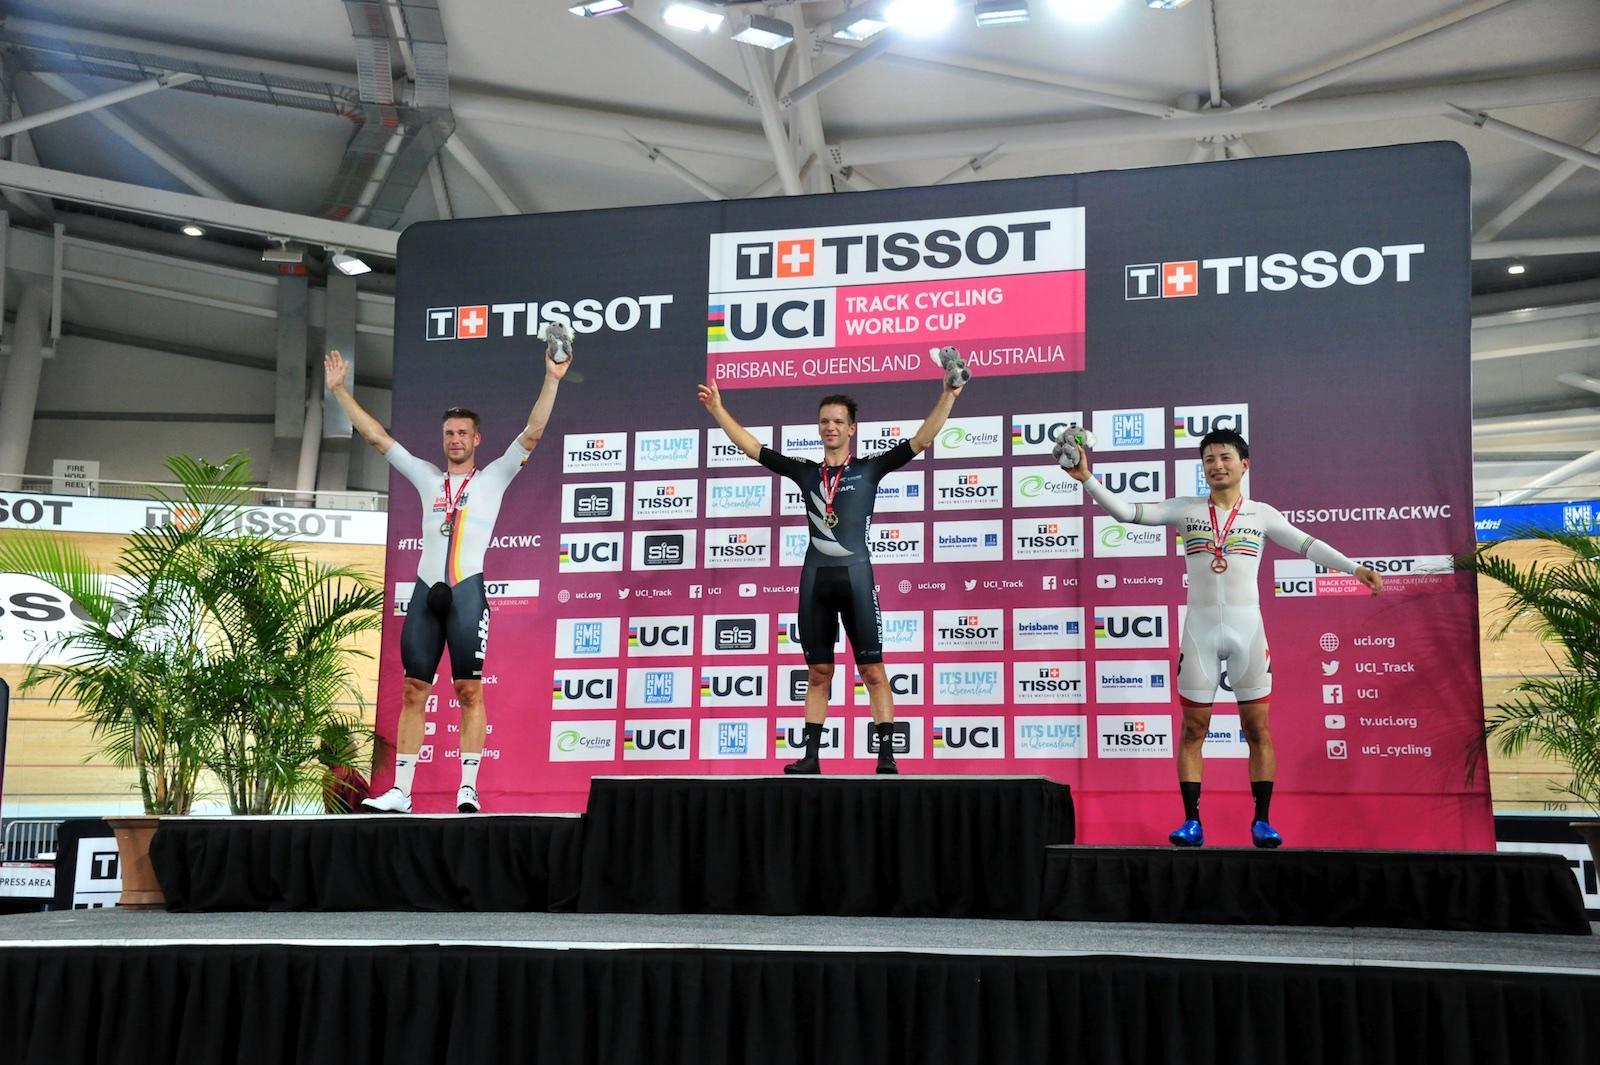 男子オムニアム/橋本が3位に、転倒を喫するも表彰台守りきる【UCIトラック'19-20W杯第5戦 オーストラリア】